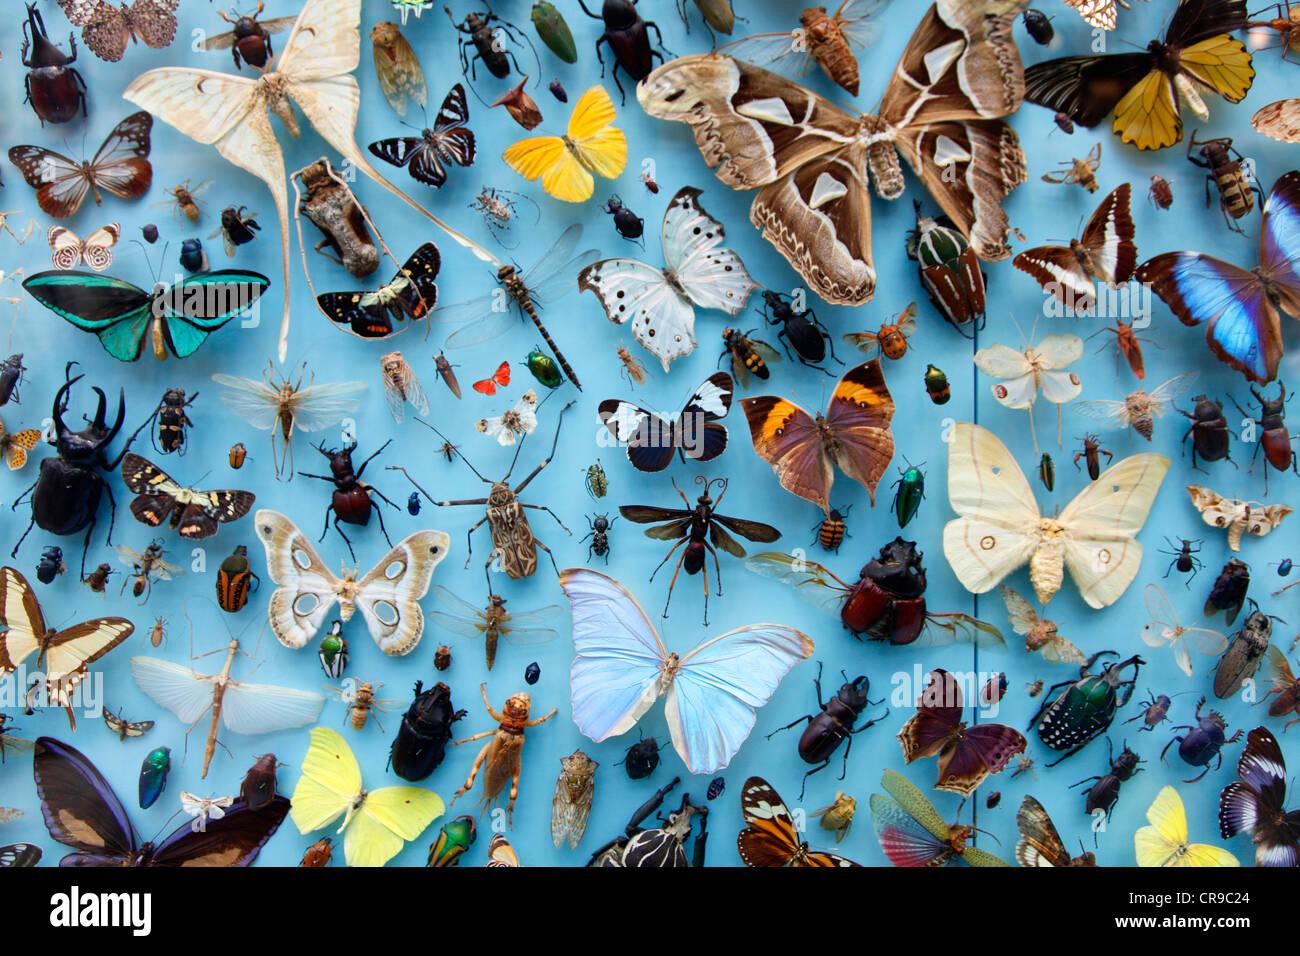 Sammlung von Insekten, Schmetterlinge, Schmetterlinge, Käfer aus rund um die Welt, die University Museum of Stockbild